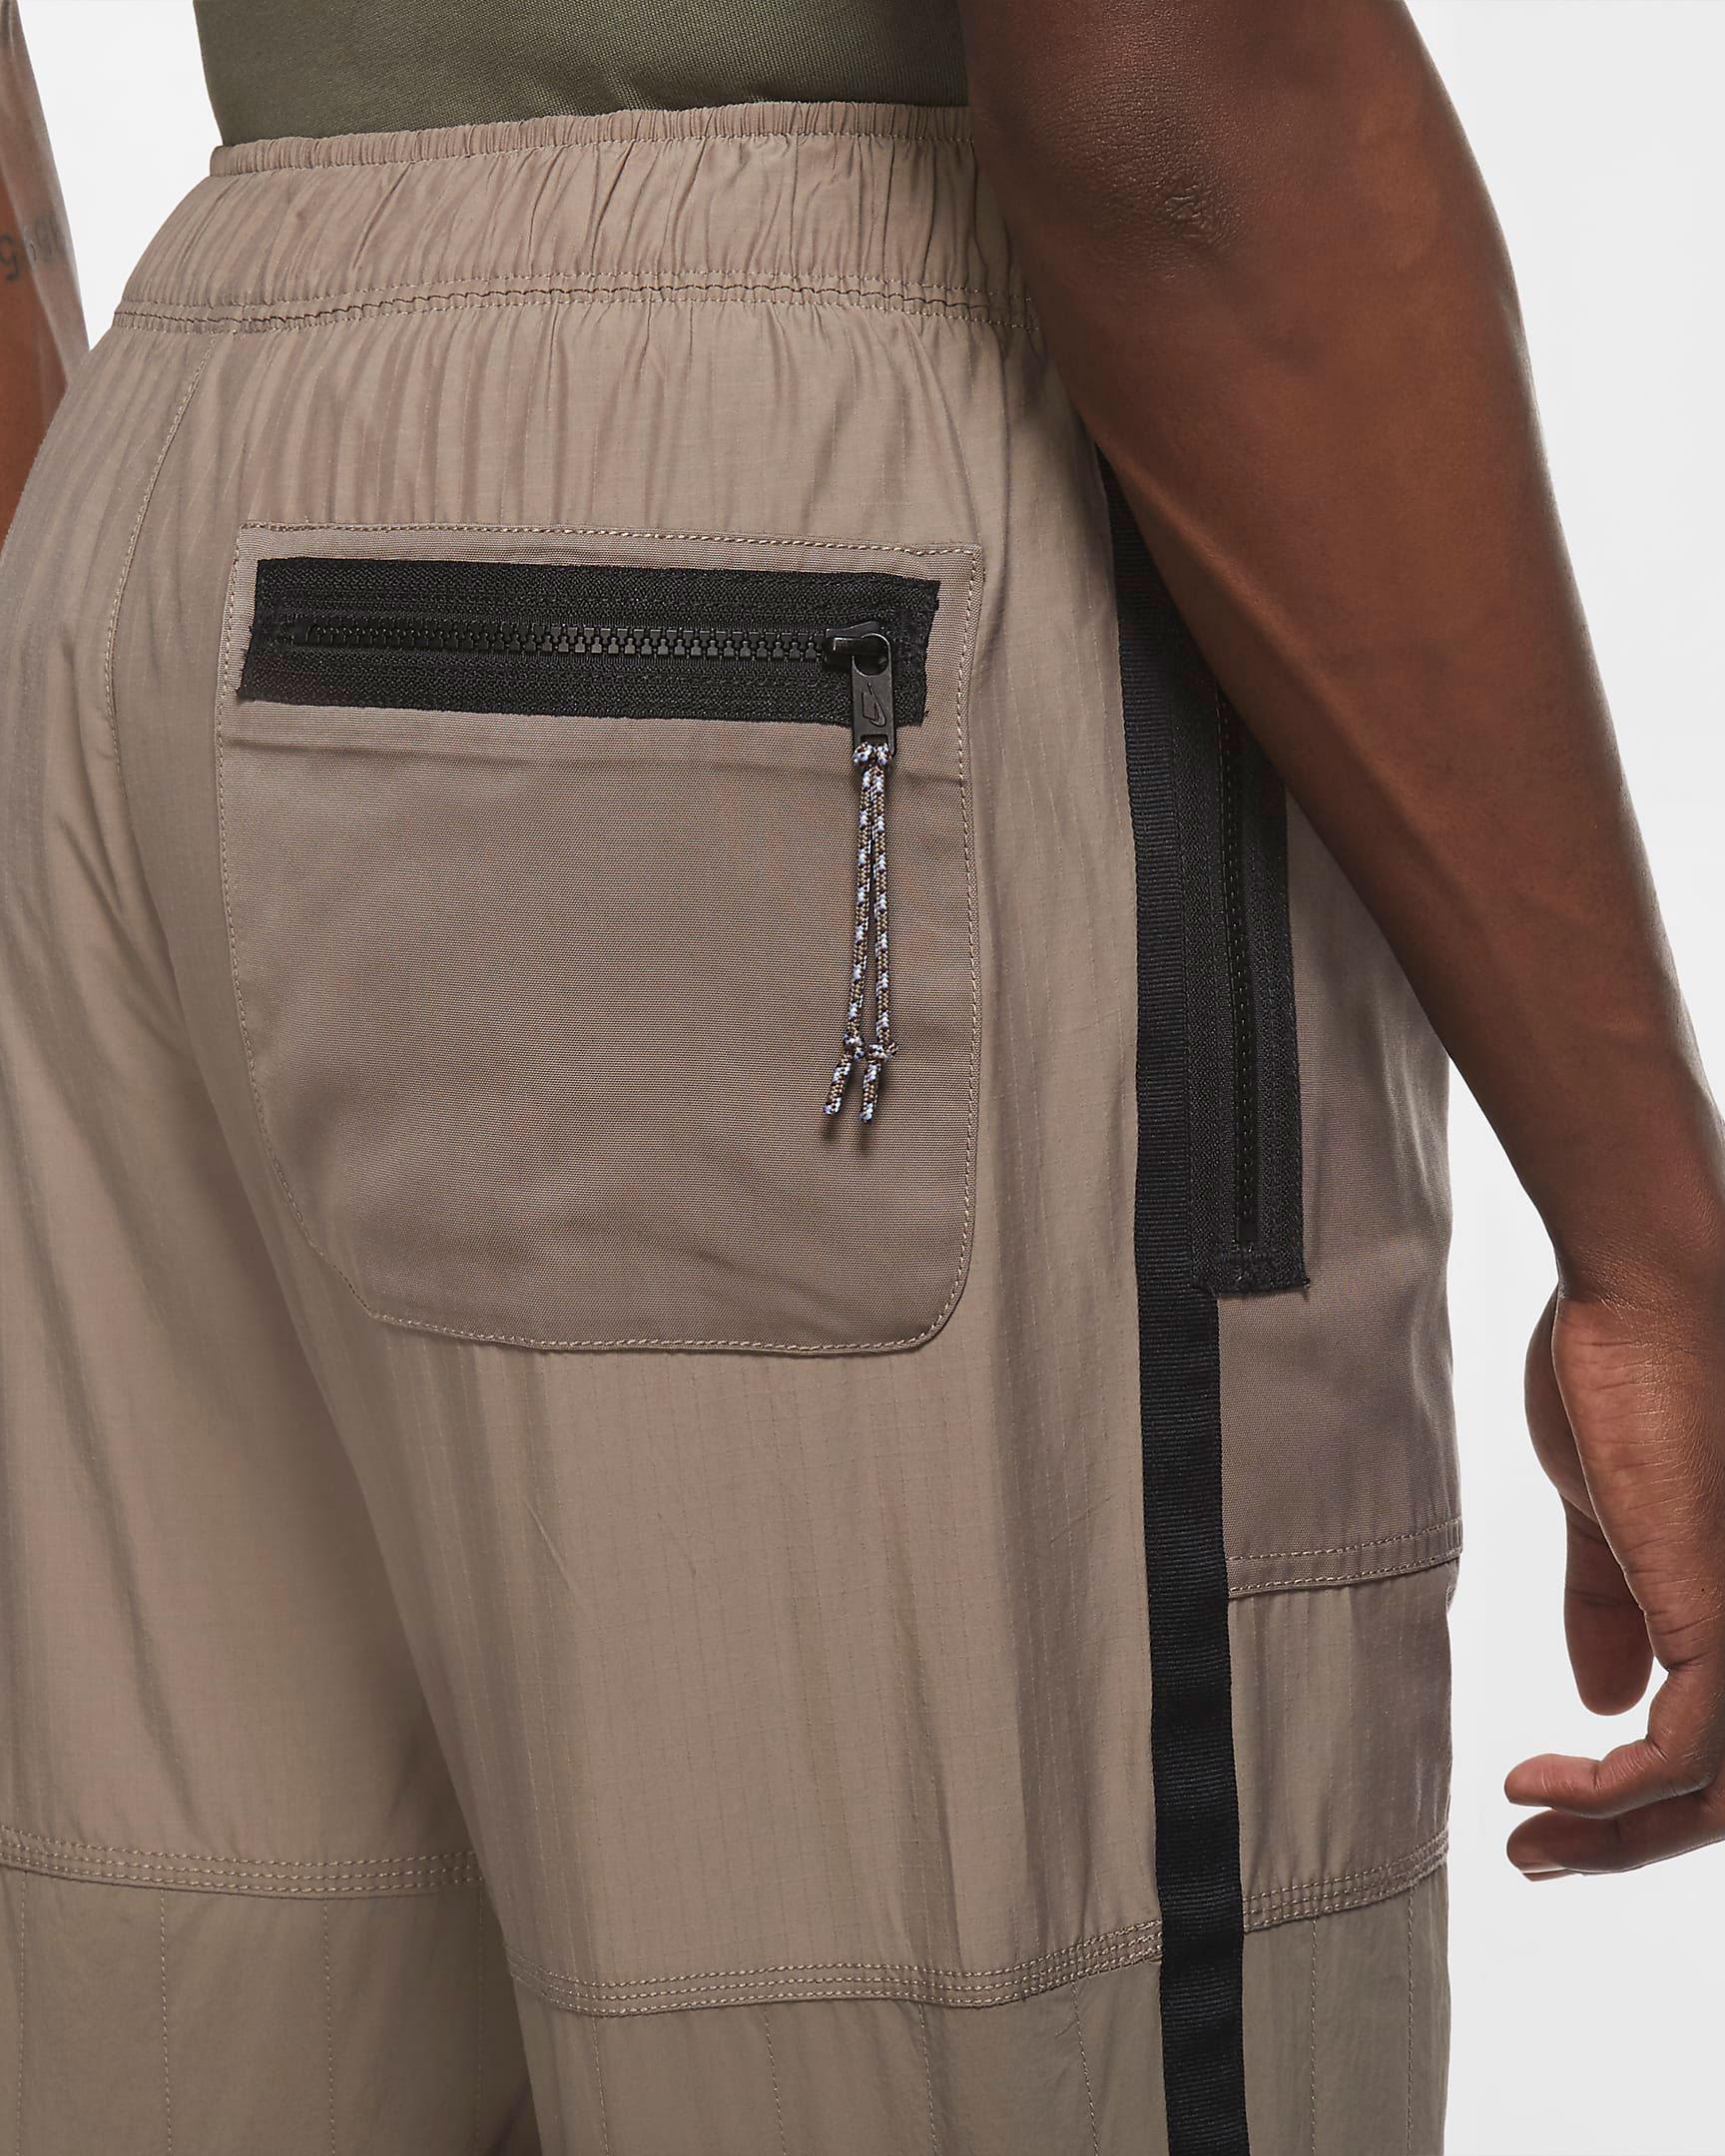 nike-sportswear-woven-pants-olive-grey-5